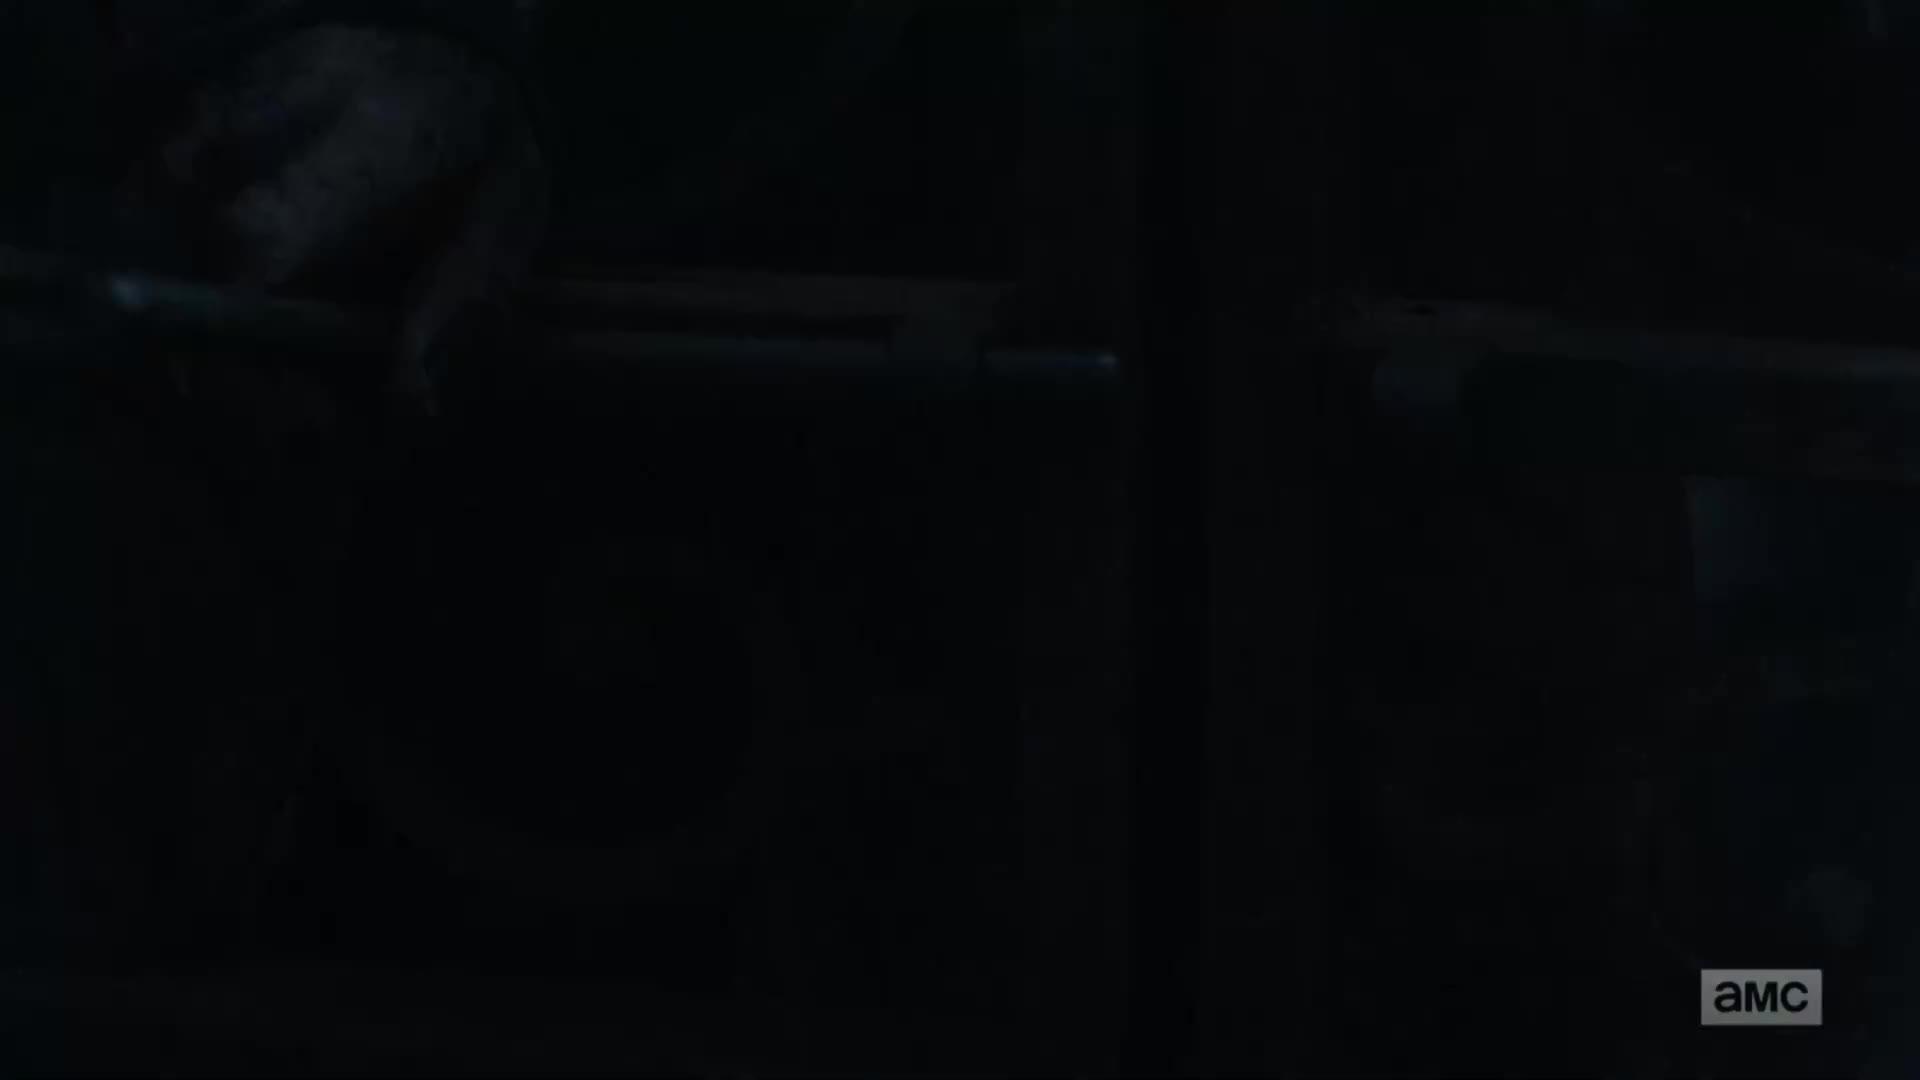 Zivi mrtvi - The Walking Dead S09E09 CZ titulky 1080p